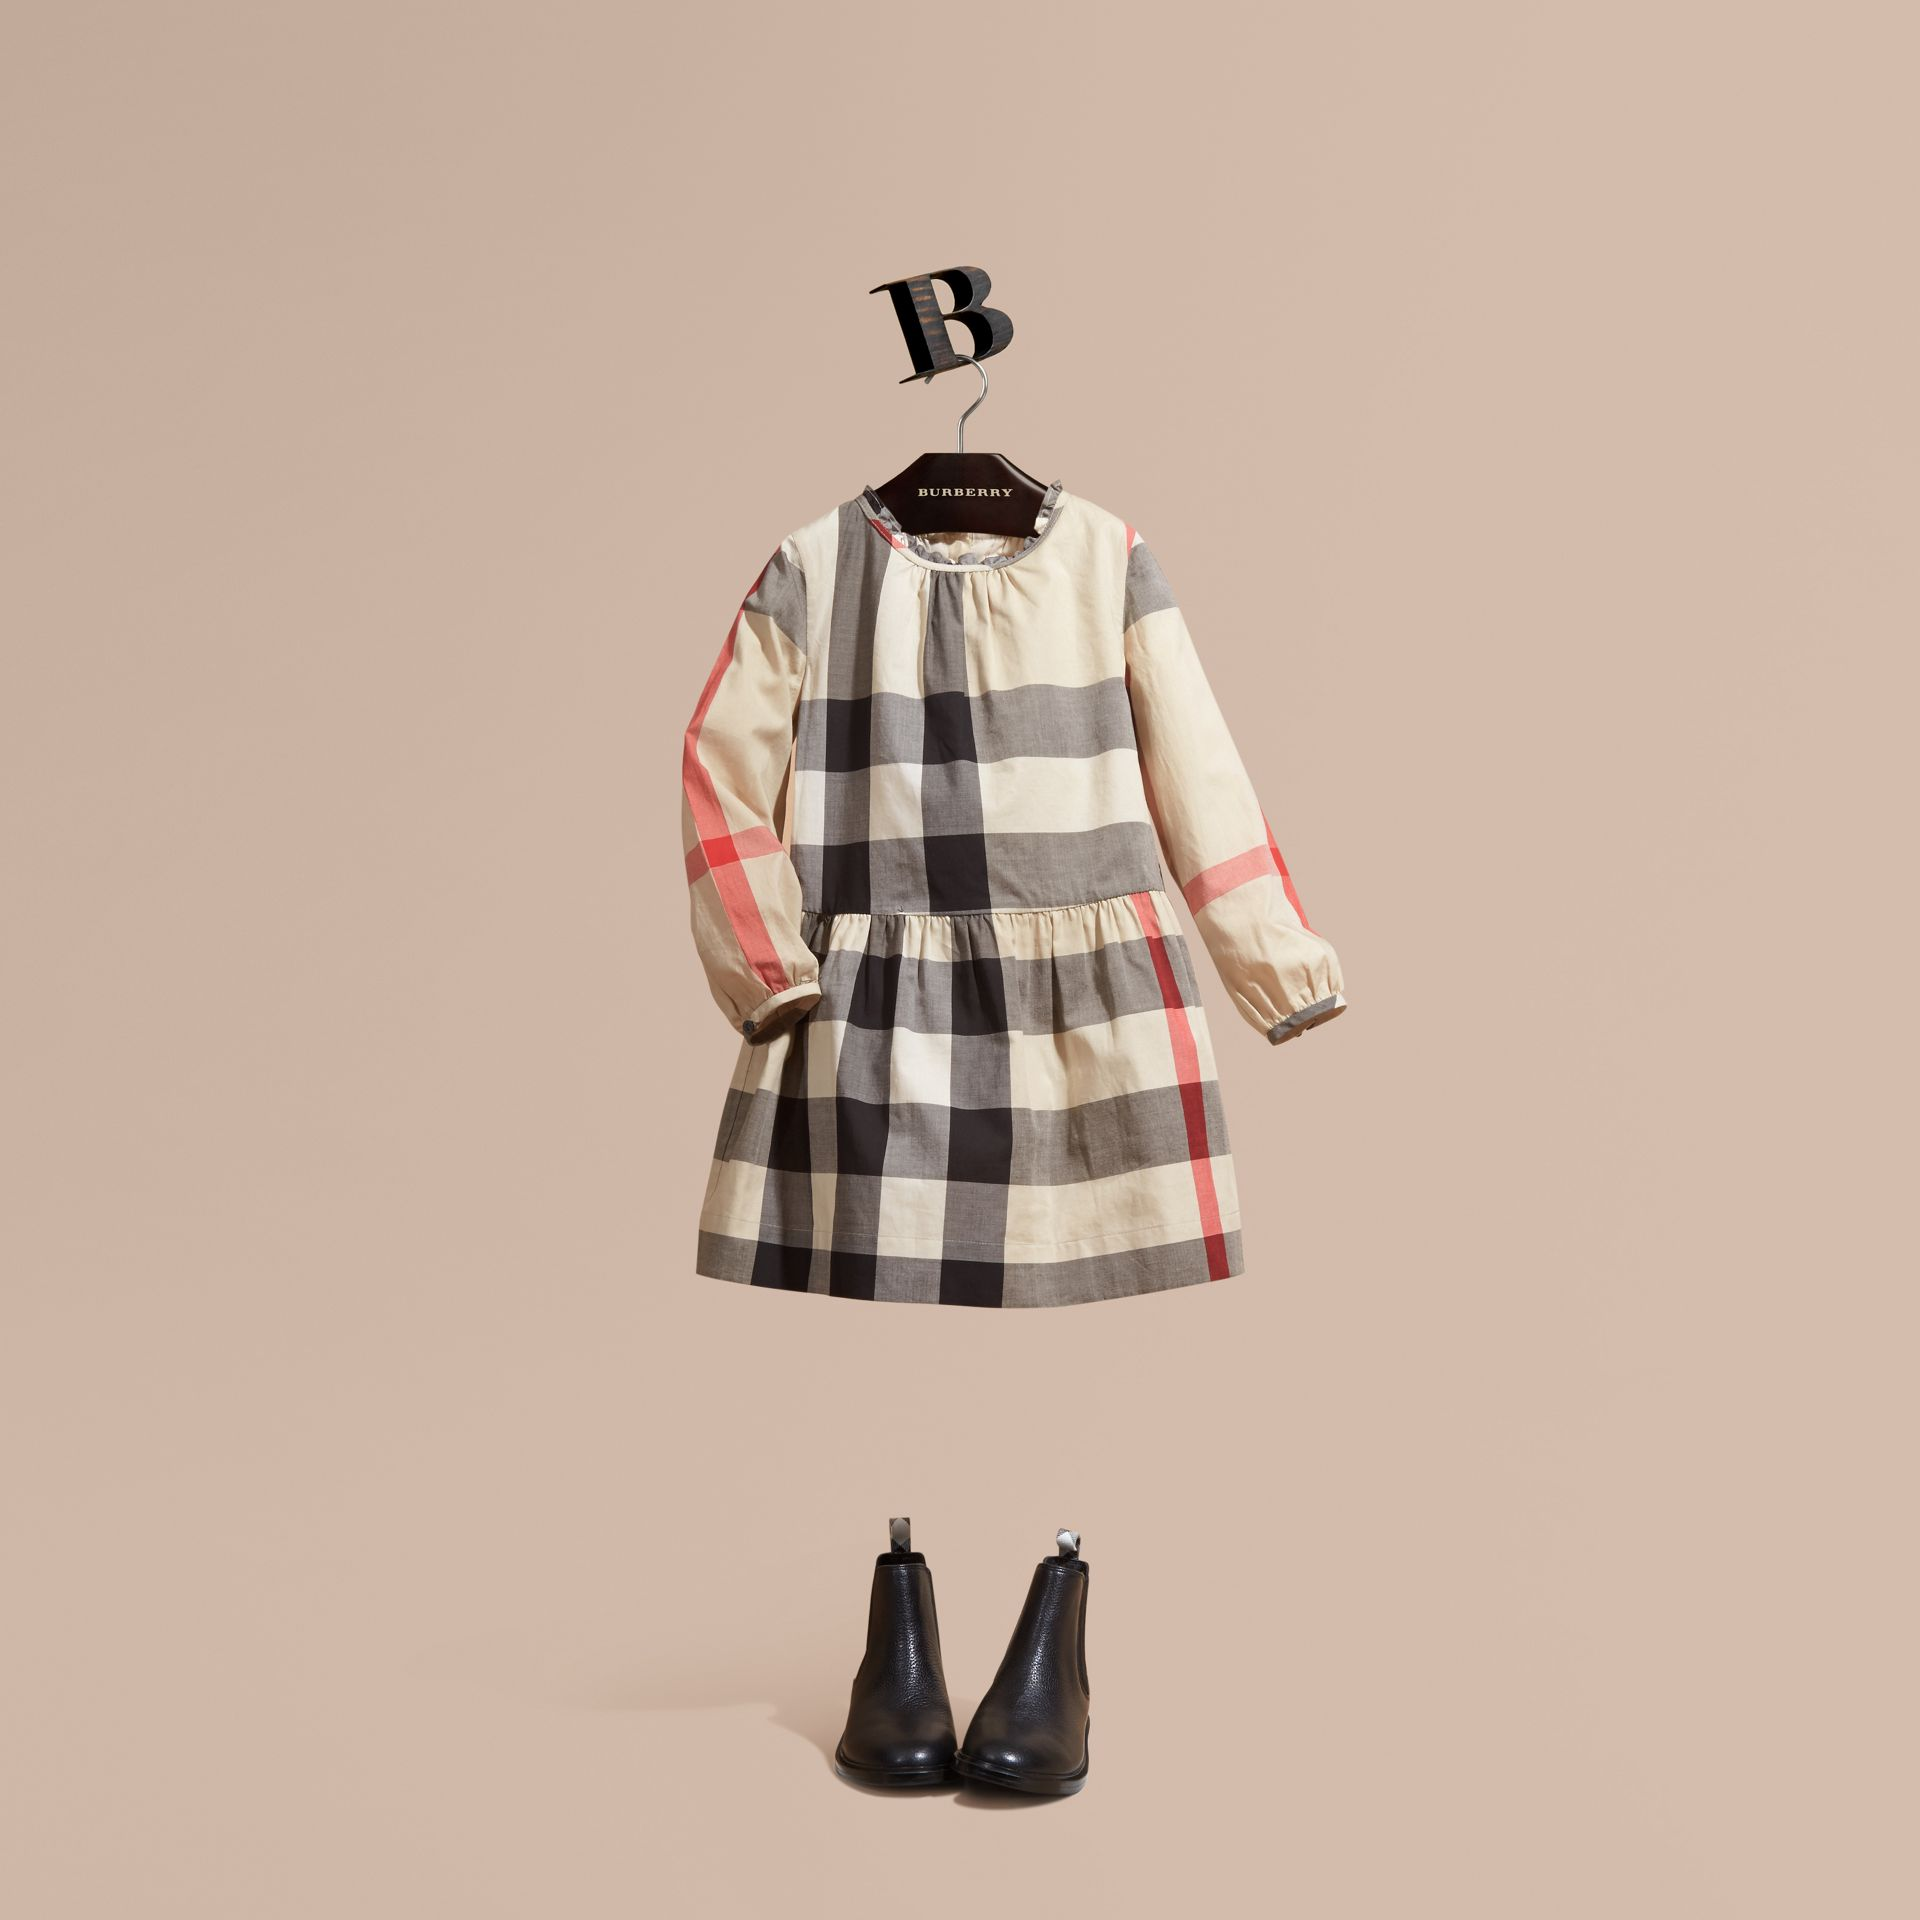 New classic check Vestido de algodão com estampa xadrez e detalhe franzido New Classic Check - galeria de imagens 1